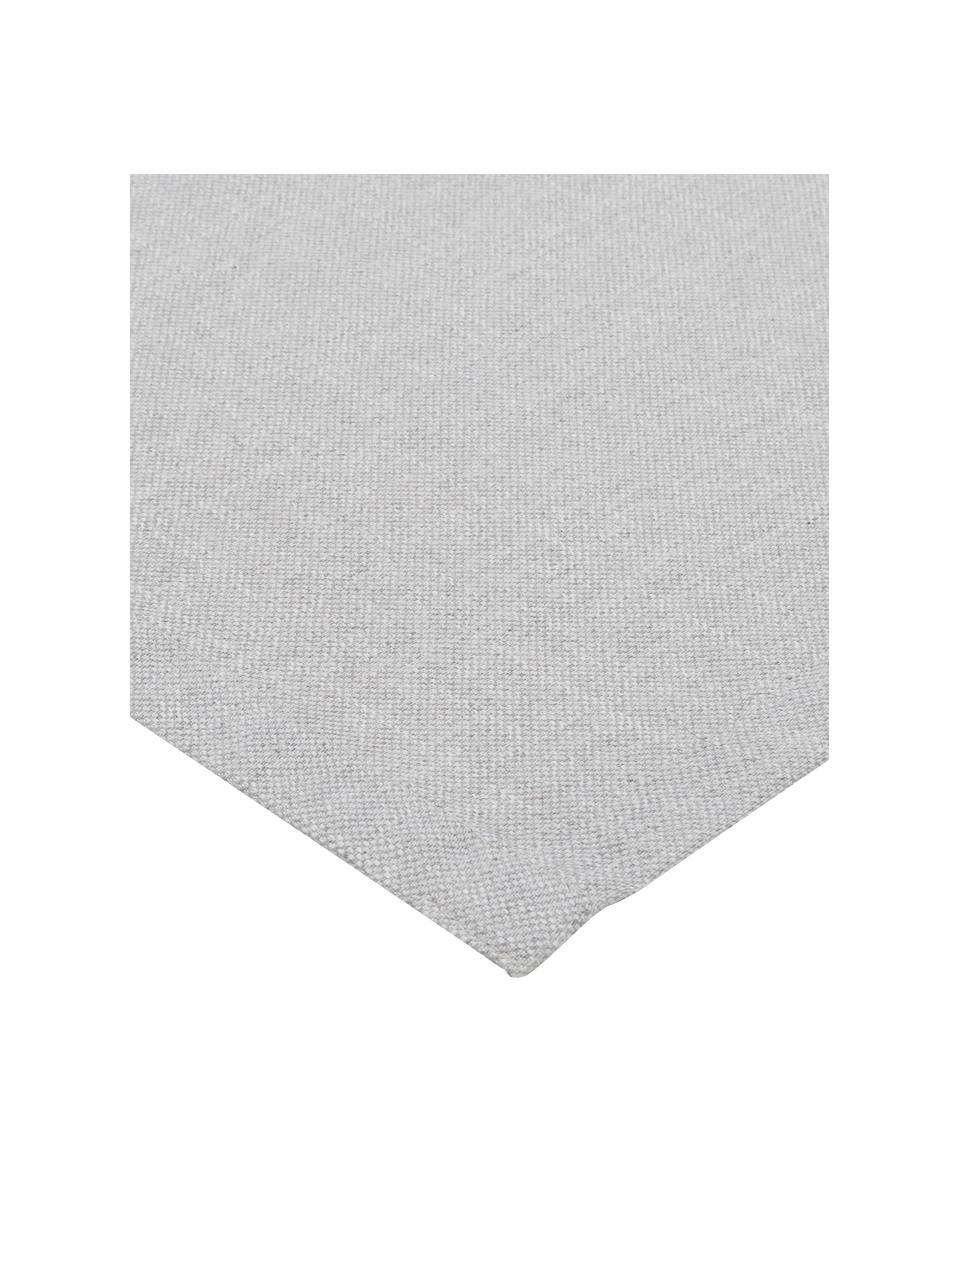 Bieżnik z mieszanki bawełny Riva, 55%bawełna, 45%poliester, Szary, S 40 x D 150 cm